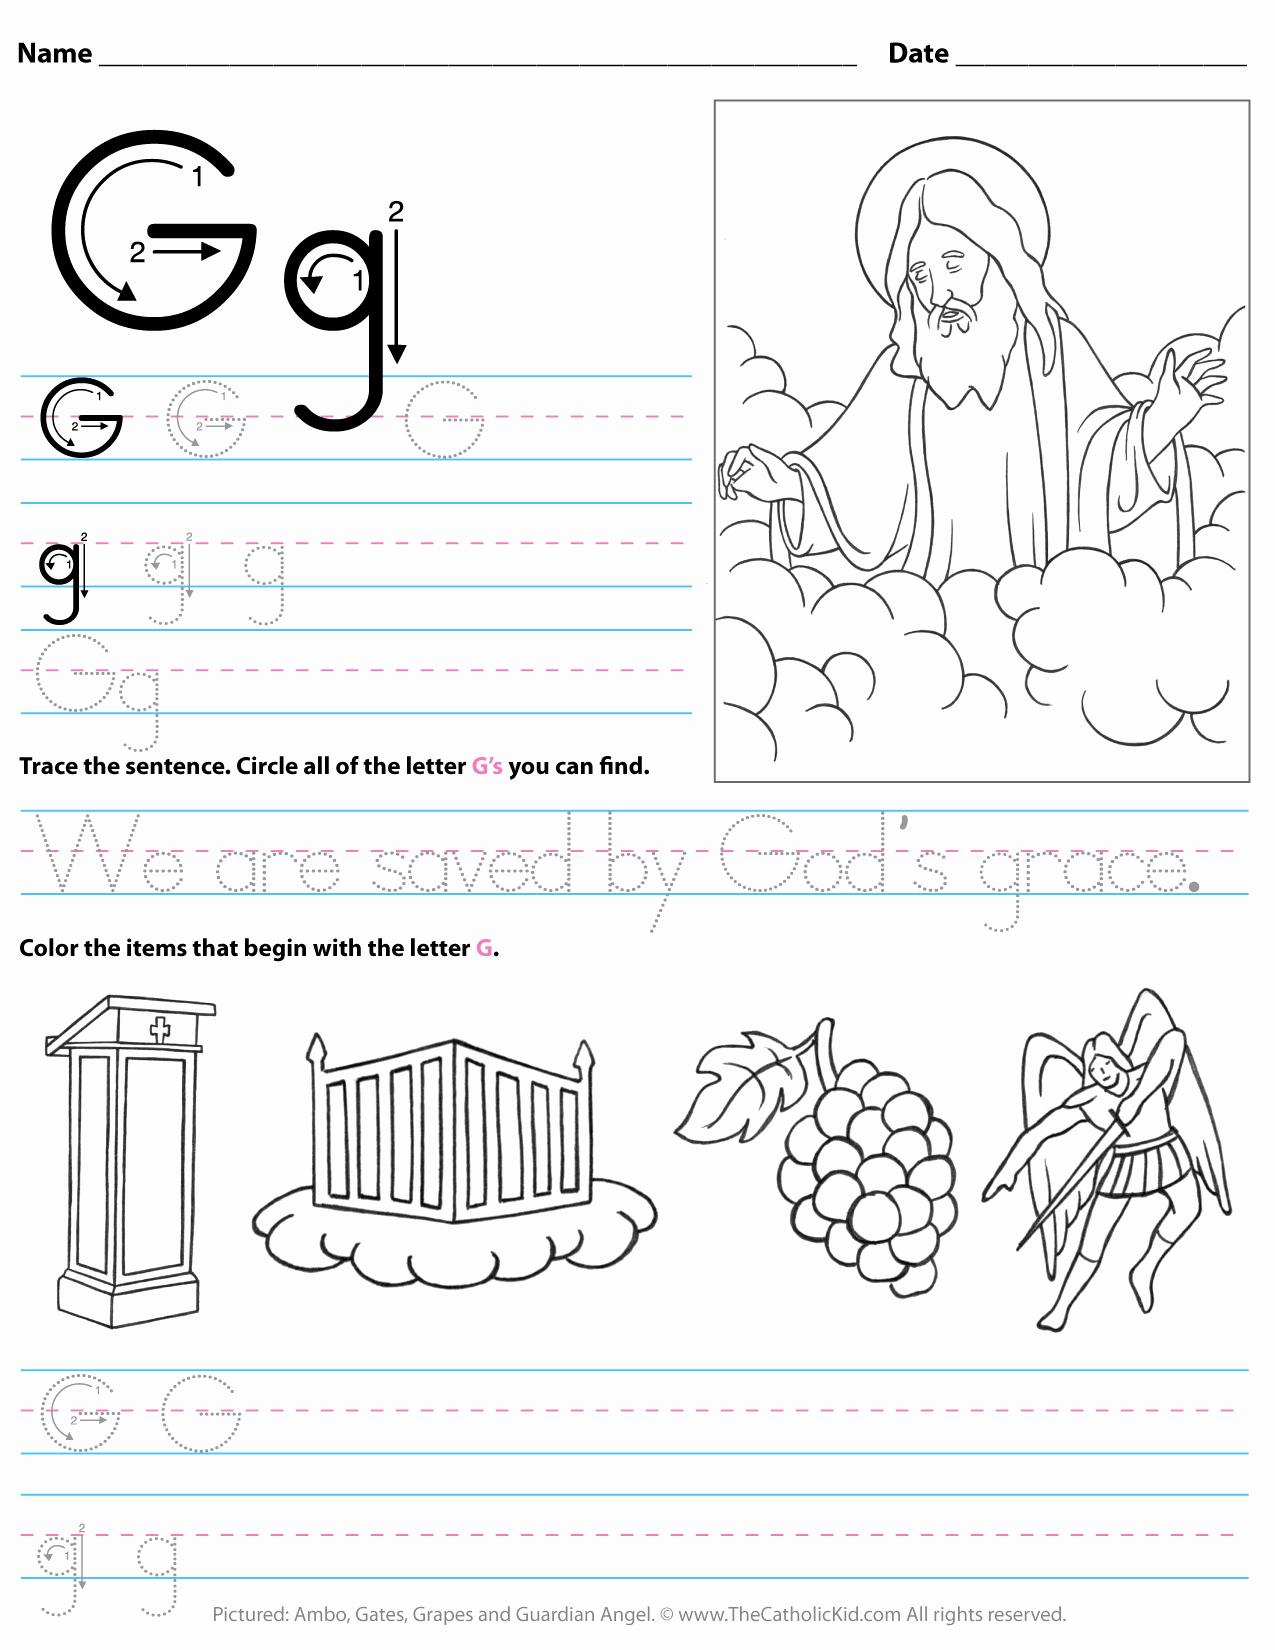 Letter G Worksheets for Kindergarten Lovely Letter G Worksheets for Kindergarten